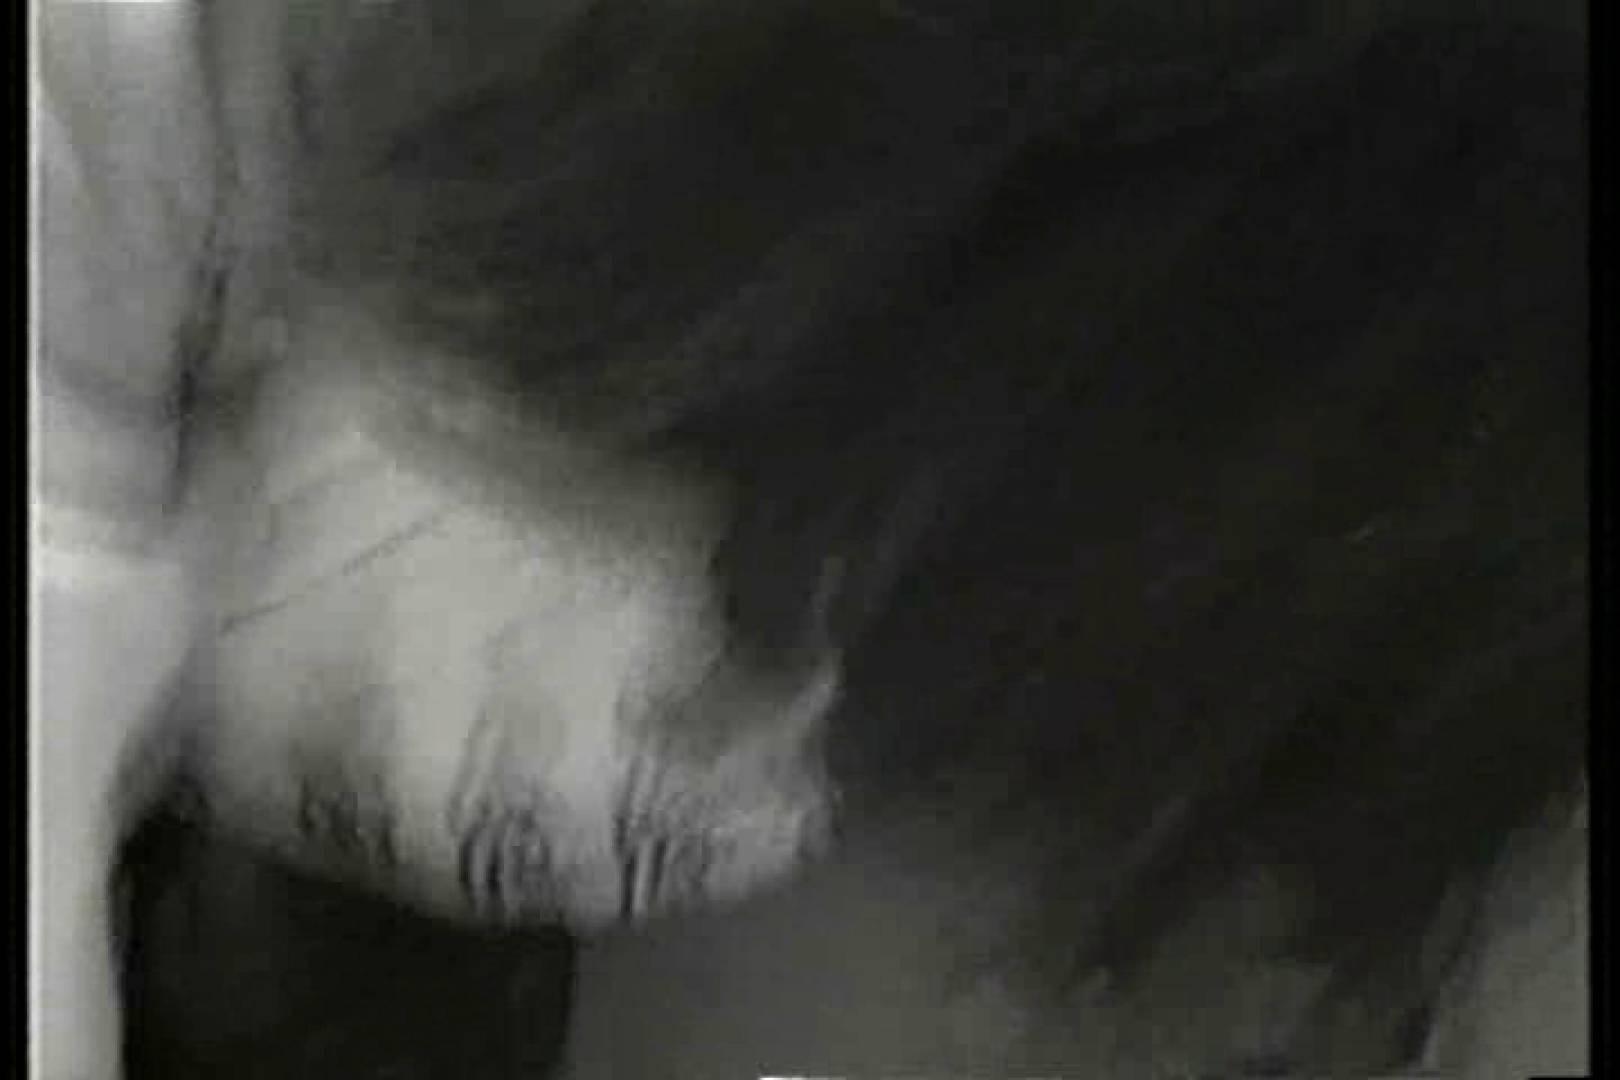 深夜の撮影会Vol.7 お姉さんヌード 覗きぱこり動画紹介 50画像 42